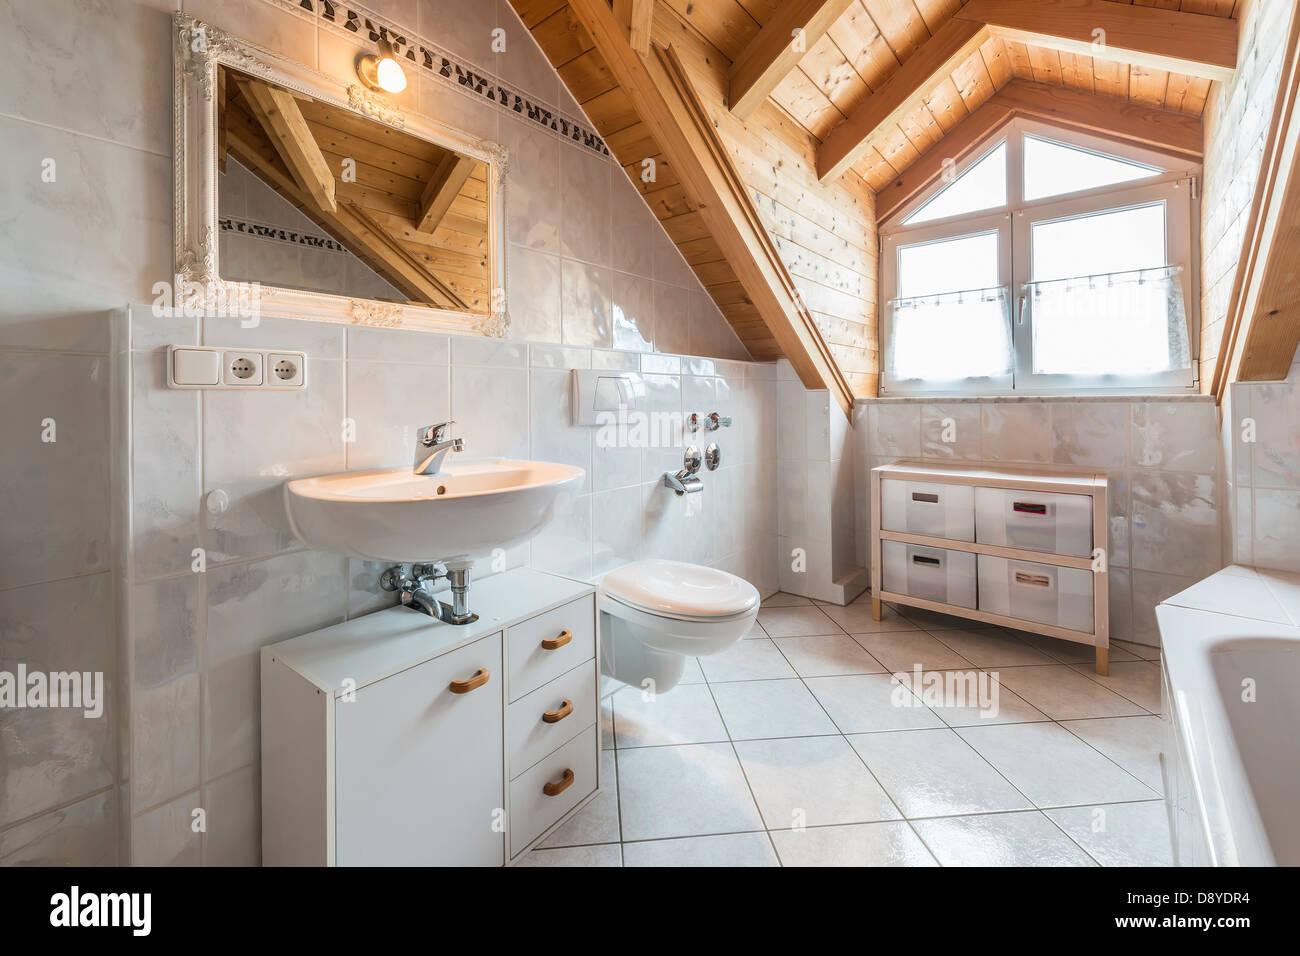 badezimmer der wohnung im dachgeschoss mit waschbecken spiegel licht fenster toilette. Black Bedroom Furniture Sets. Home Design Ideas